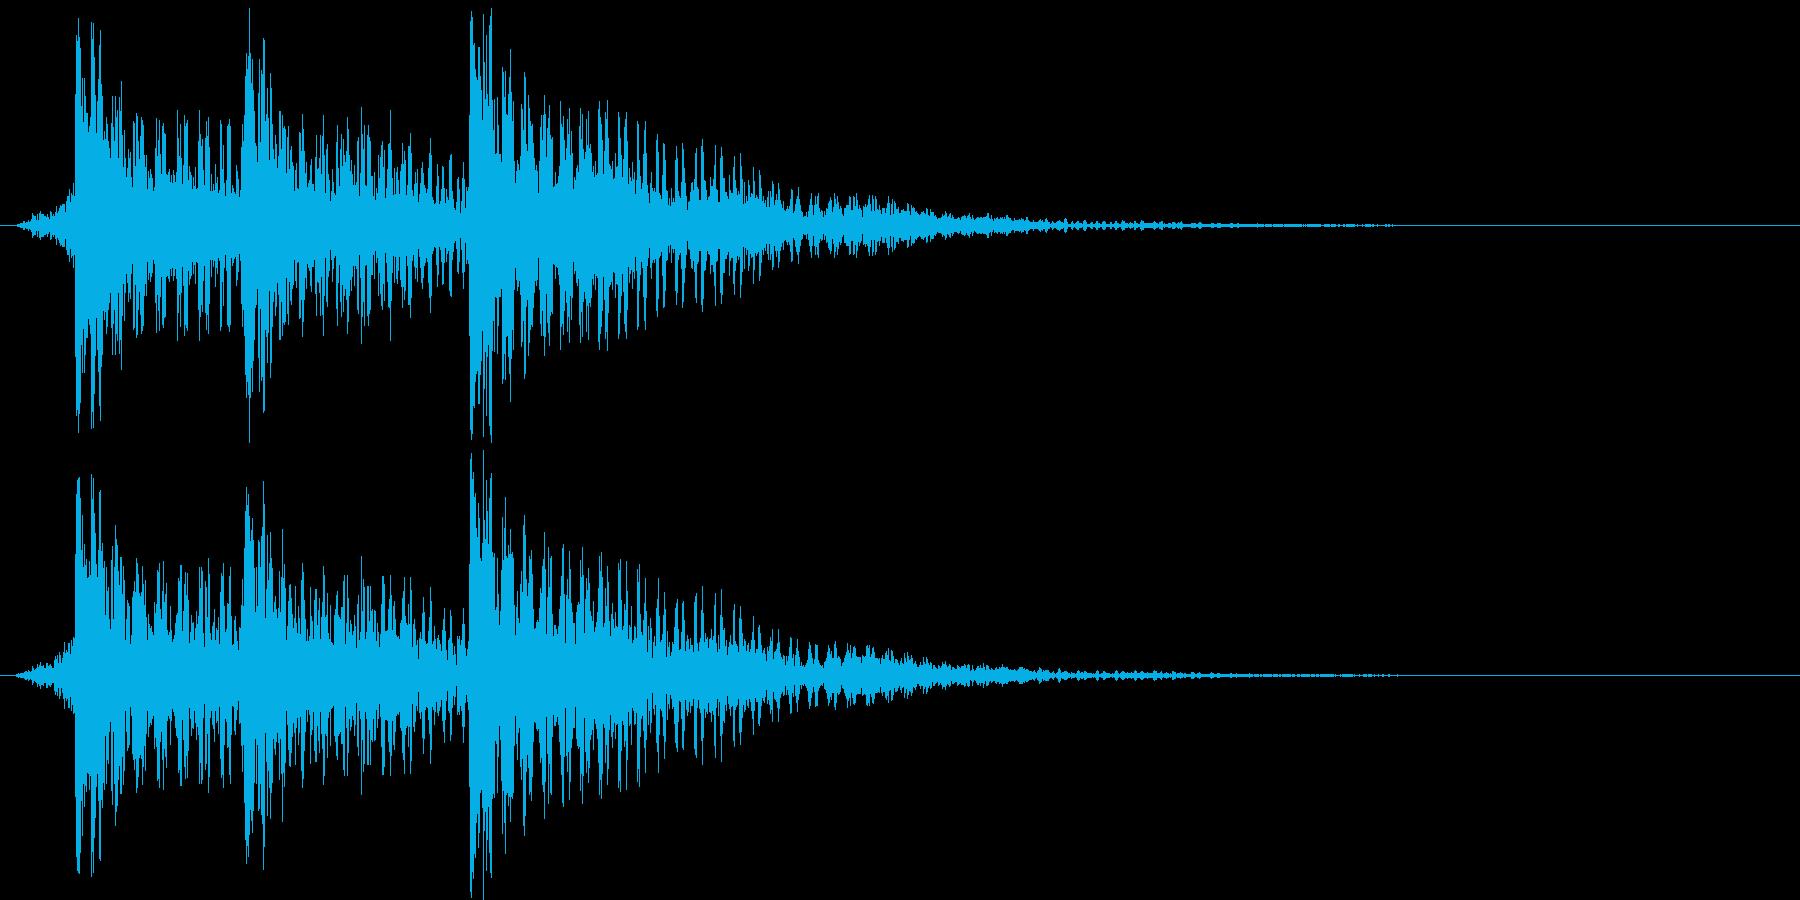 スマホアプリなどで使えるSE イメージ…の再生済みの波形